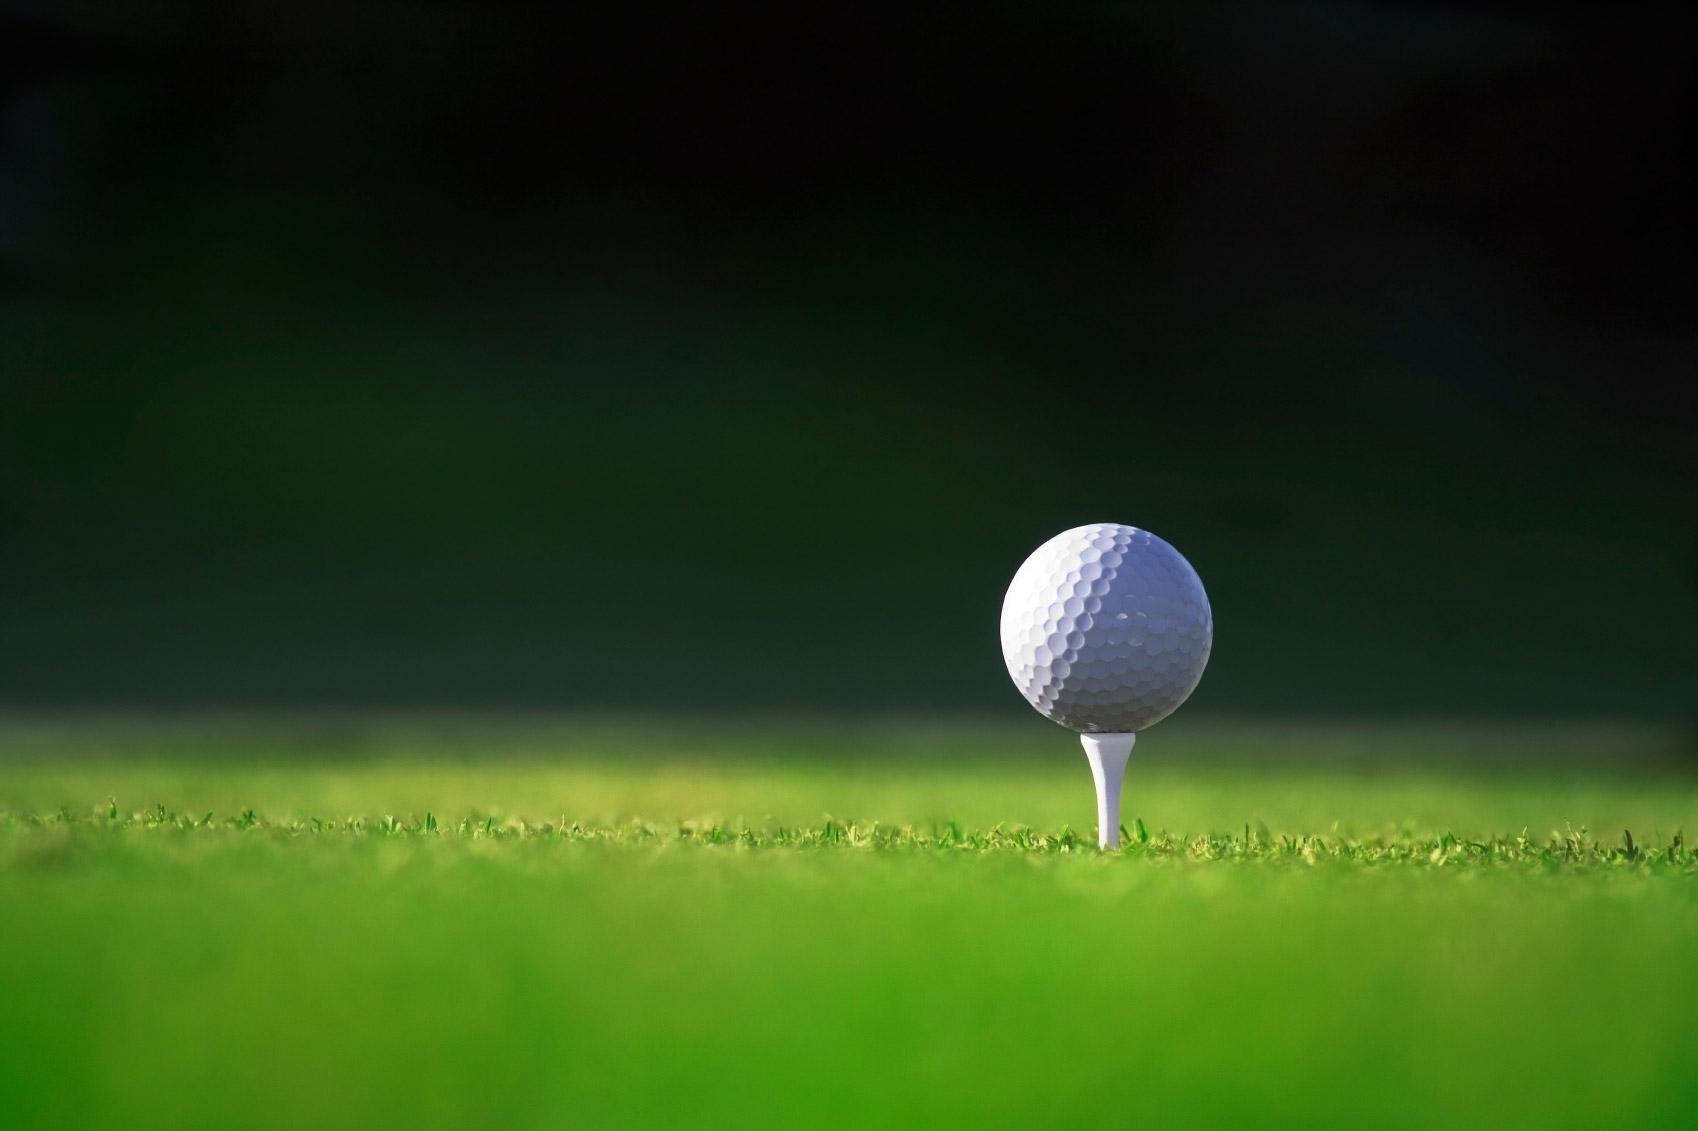 Golf ball on tee wallpaper